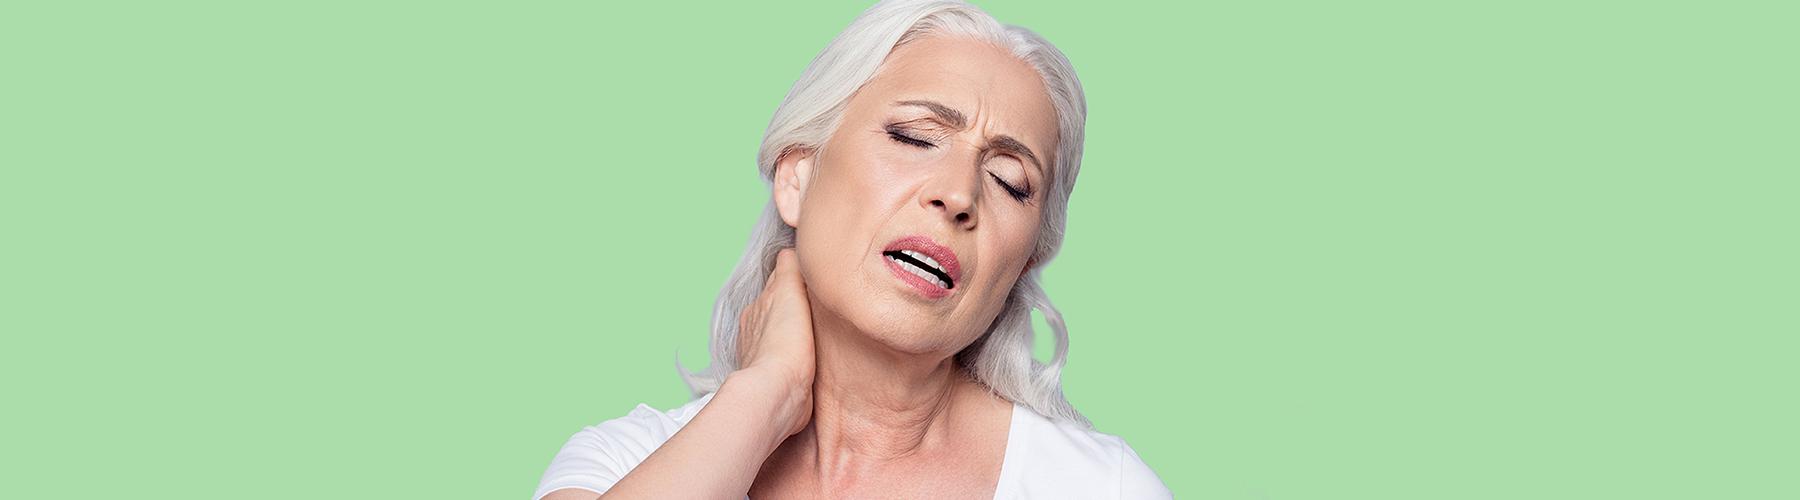 Raideur douleur colonne cervicale